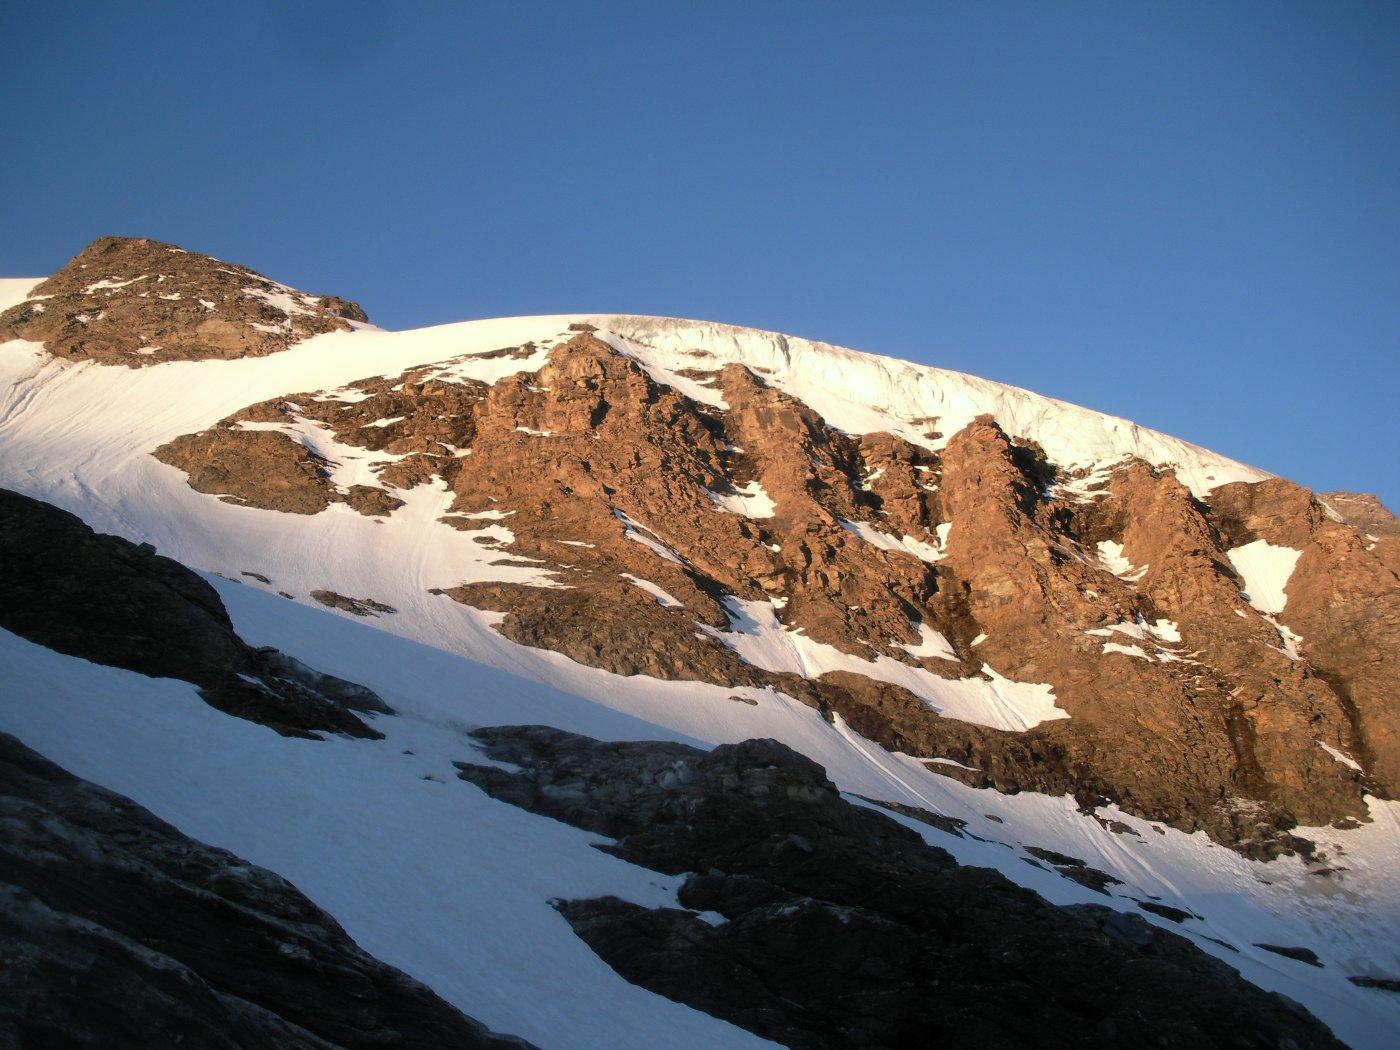 Il dome du Grand Fond con la sua fronte glaciale..visto salendo all'alba dal glacier superior du Vallonet